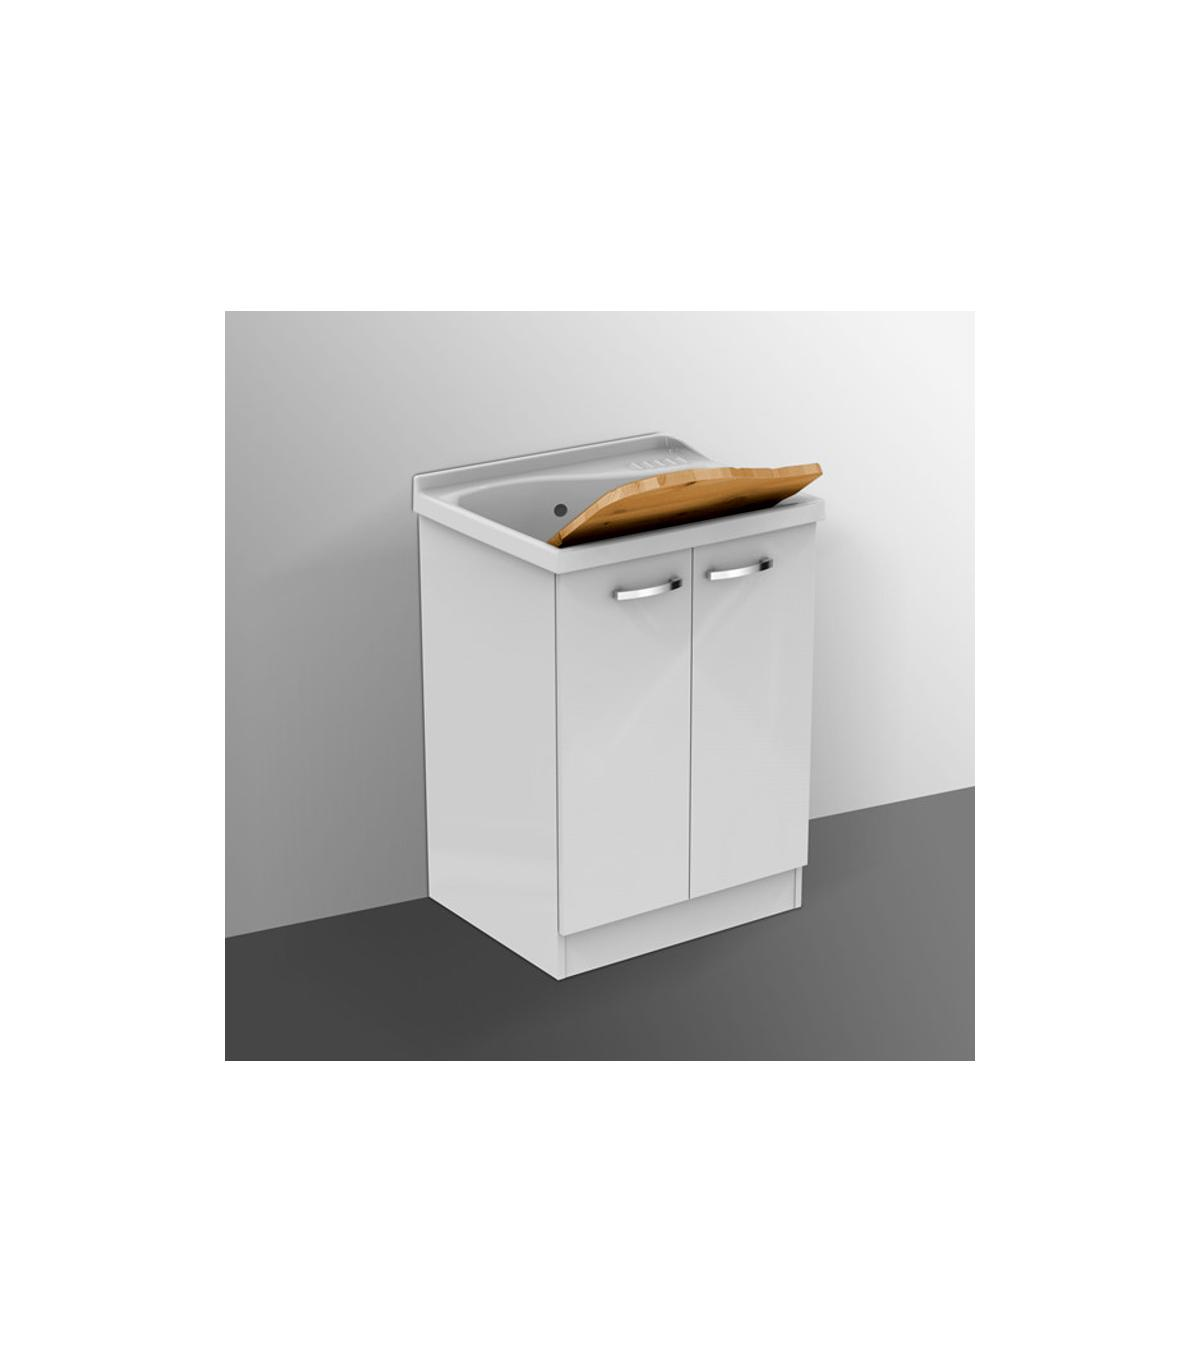 Mobili Per Lavatoio Ceramica.Mobile Per Lavatoio Lago Ceramica Dolomite Con Asse In Legno